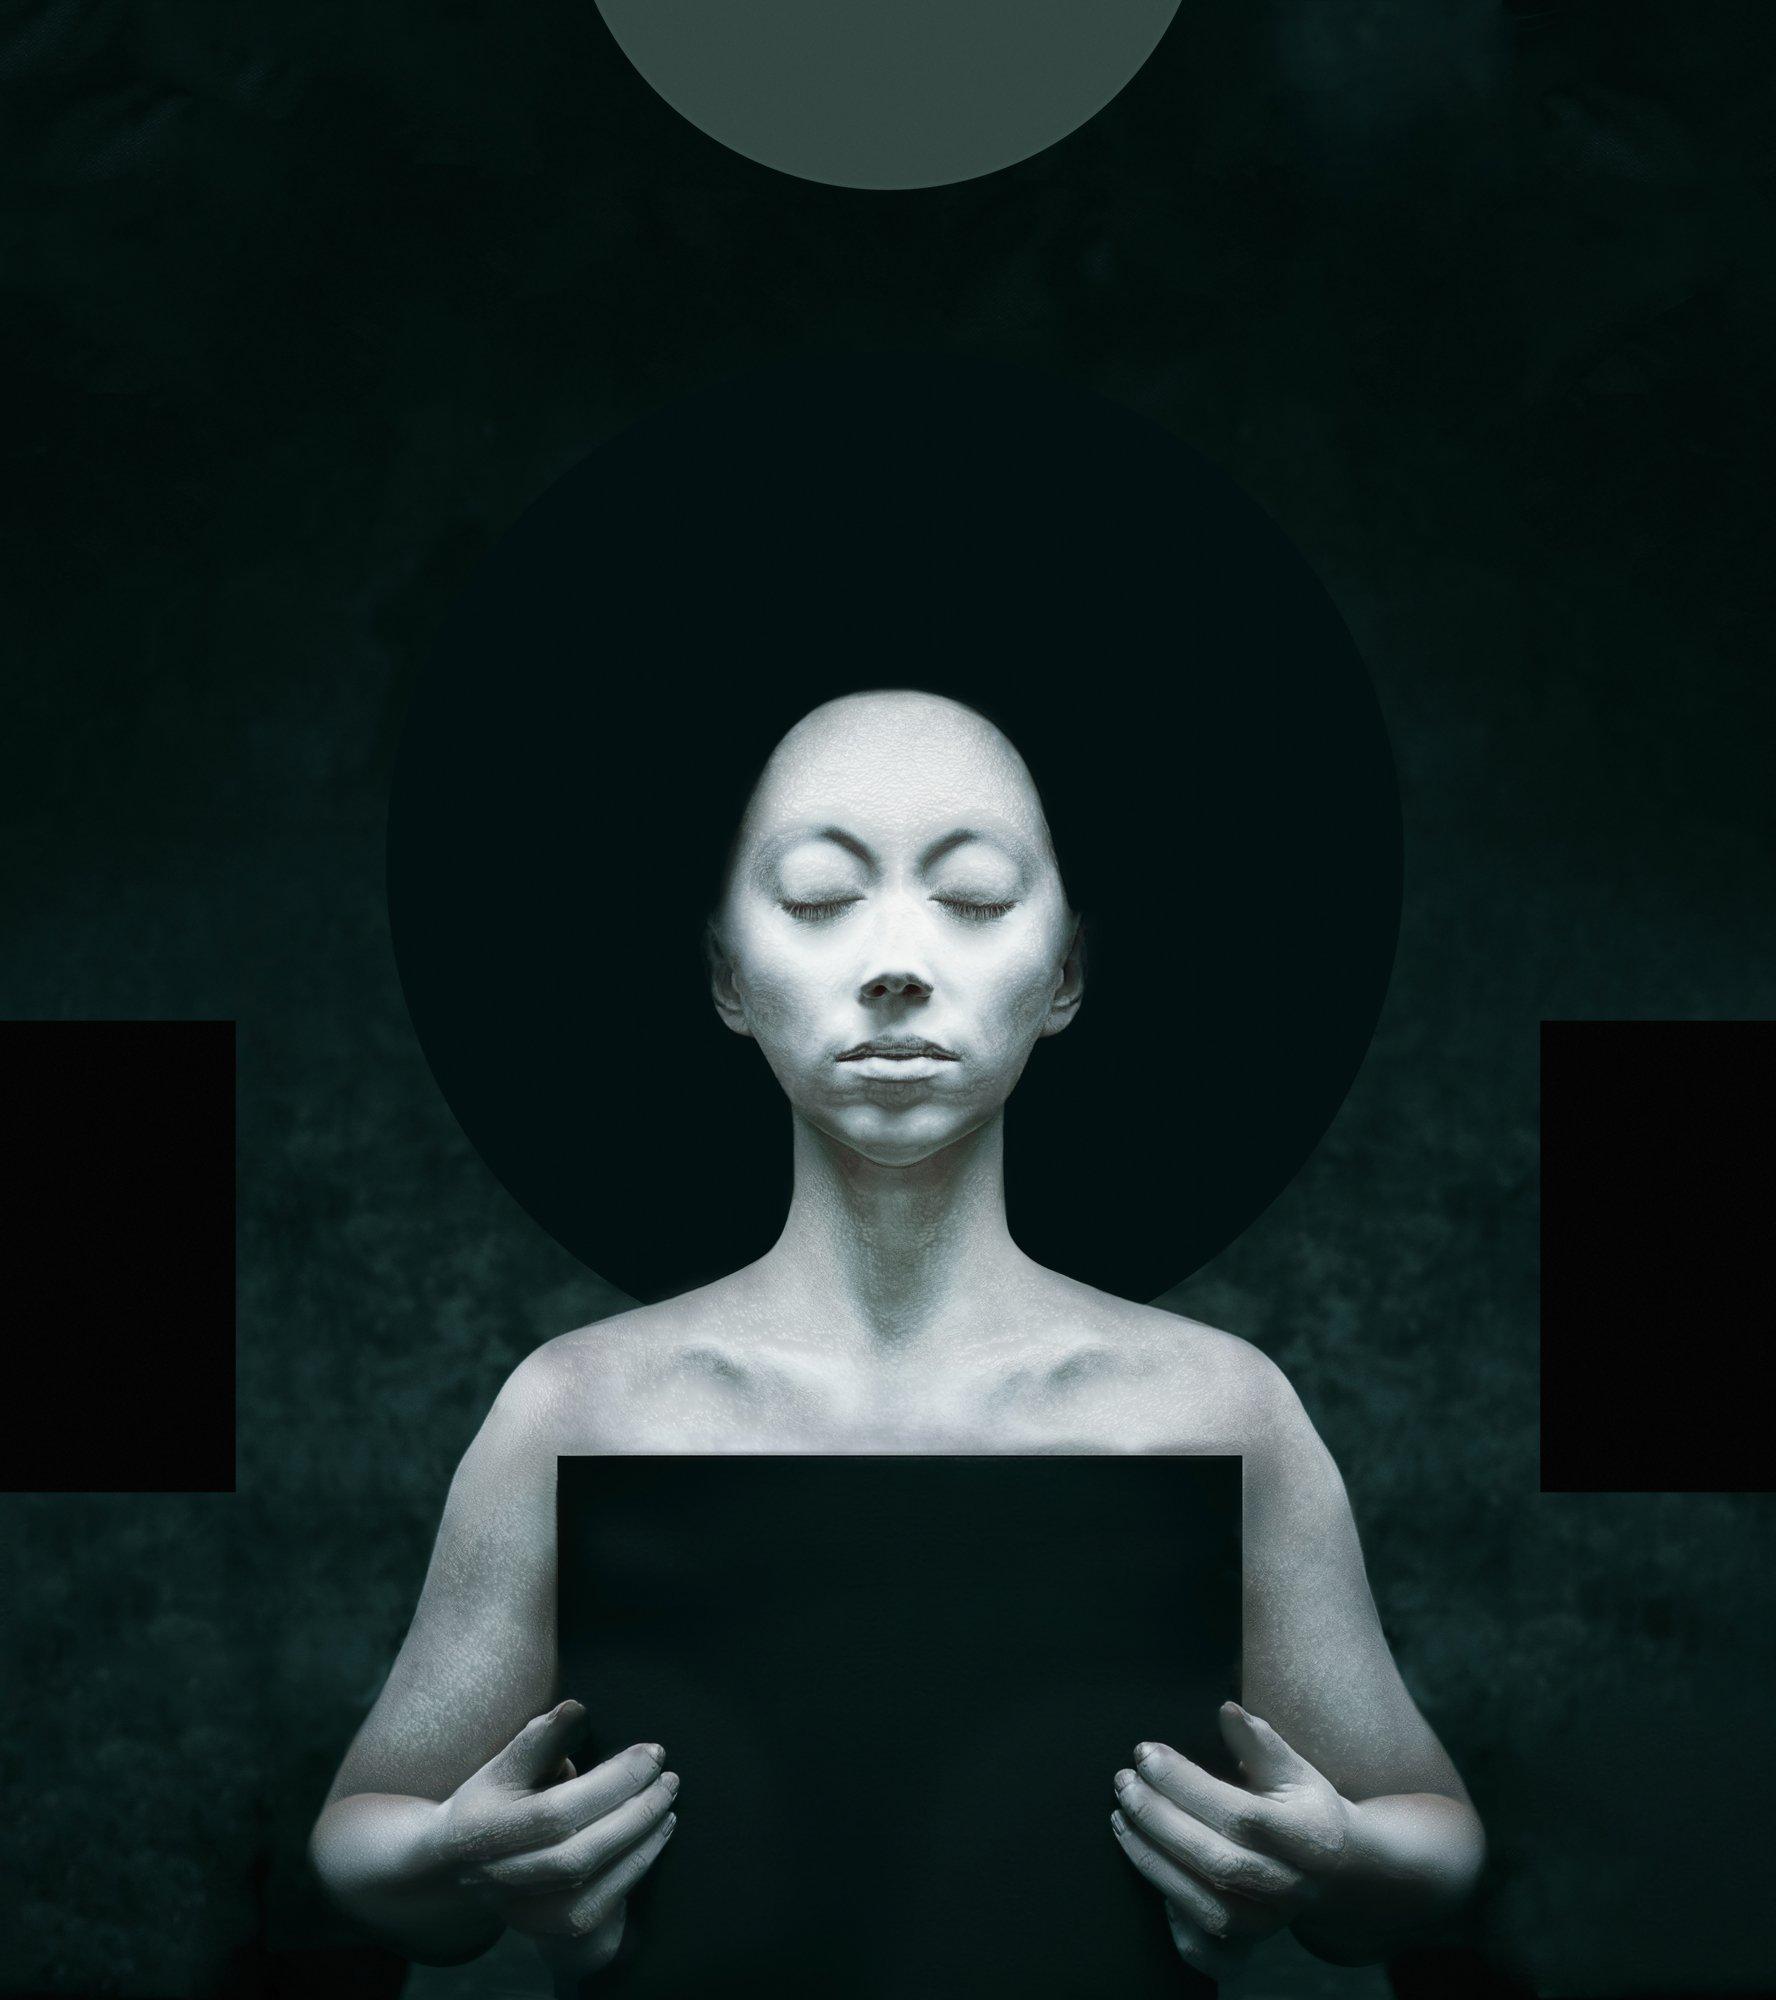 гуманоид, медитация, геометрия, портрет, Наталья Голубева